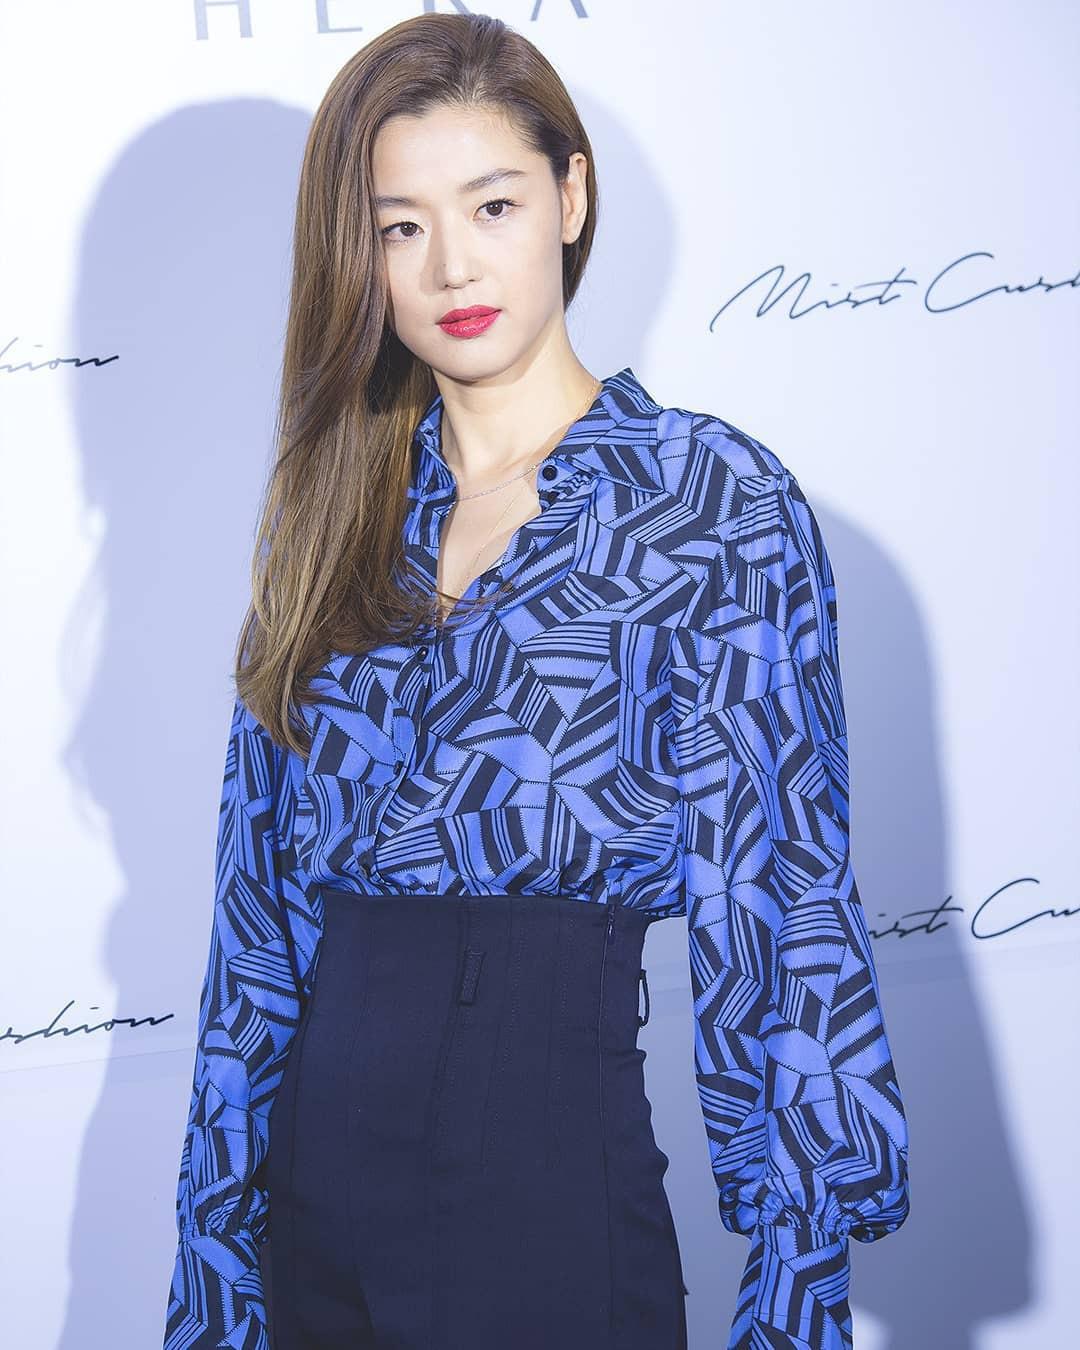 Mợ chảnh Jeon Ji Hyun xinh đẹp ngất ngây với màu tóc mới, diện áo gần 30 triệu - Ảnh 2.